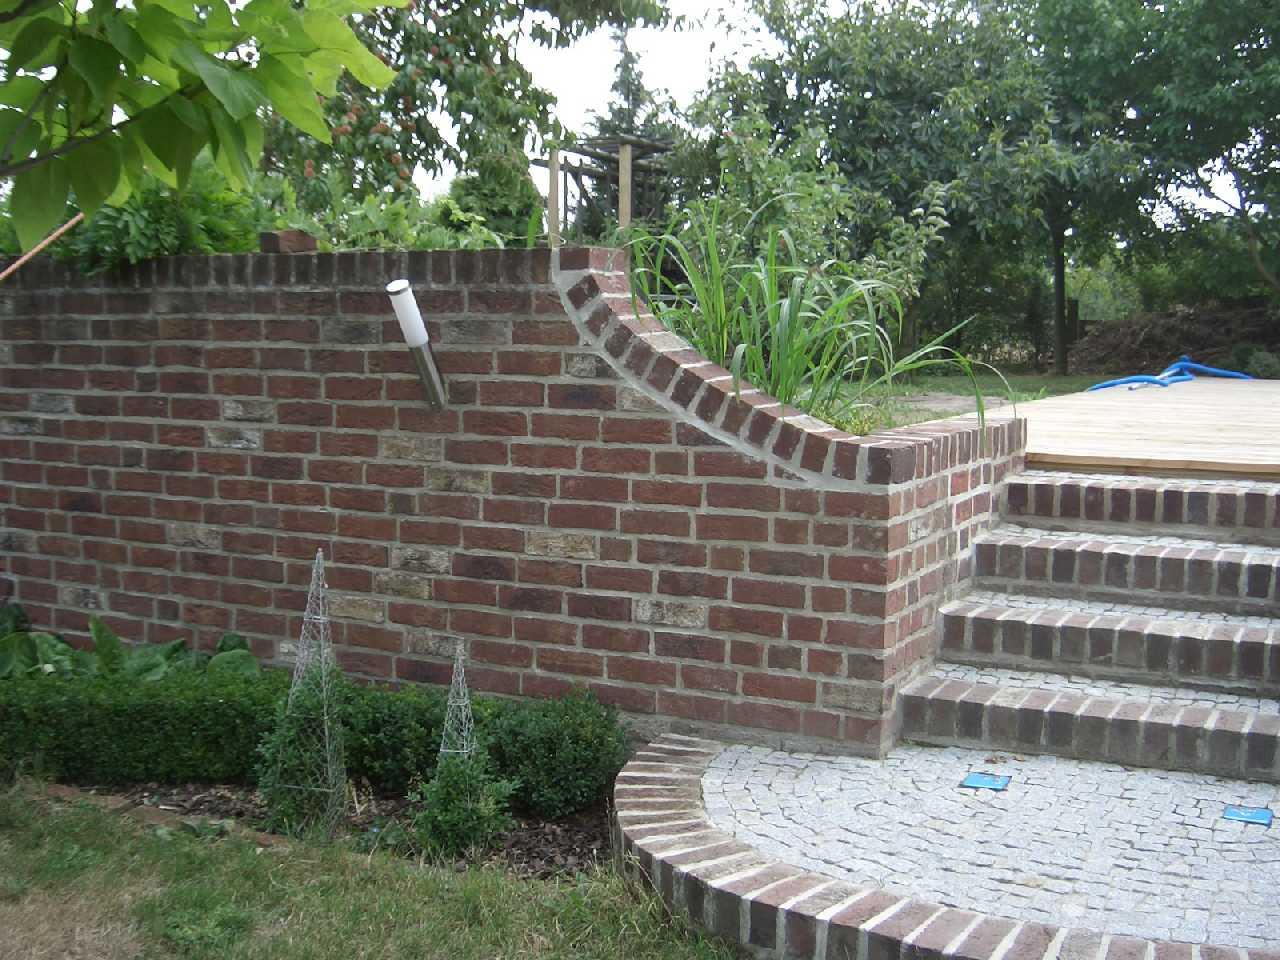 Garten forum kartoffelturm bild dscf1858 1 49 mb garten - Gartenhaus kiwi ...